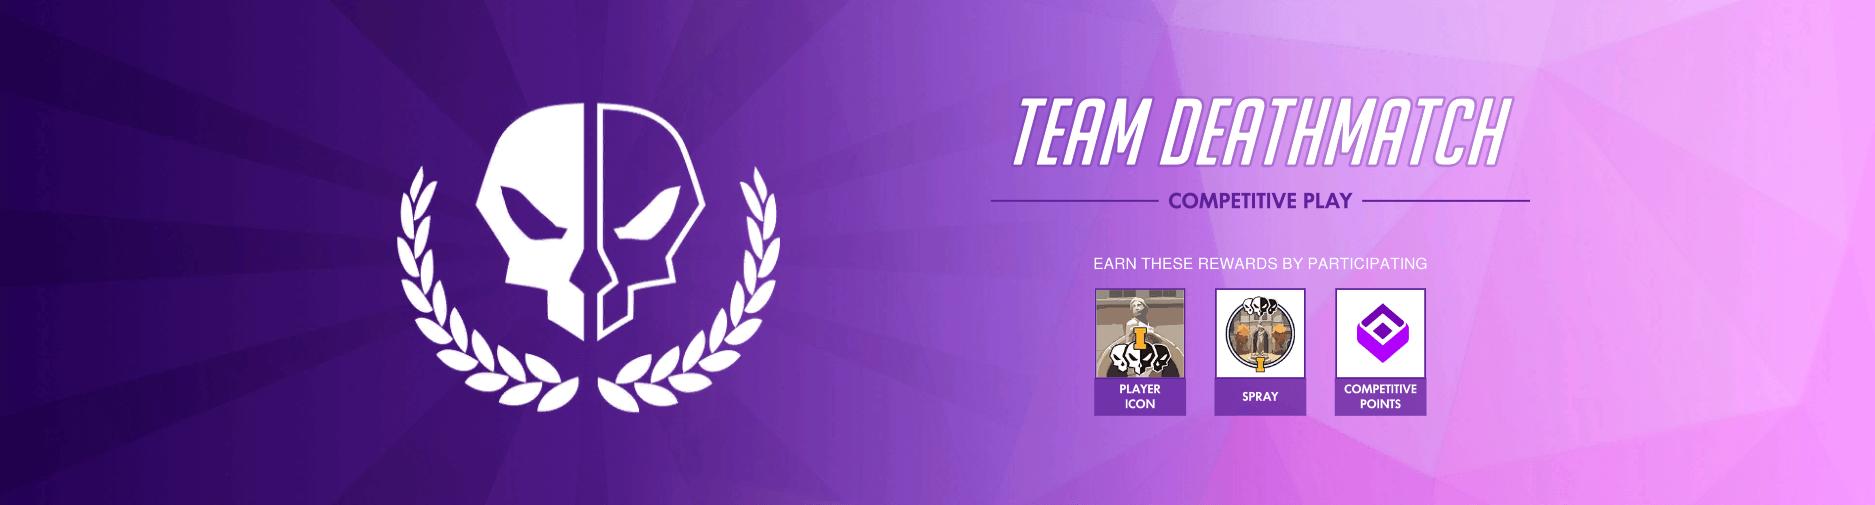 overwatch team deathmatch rewards